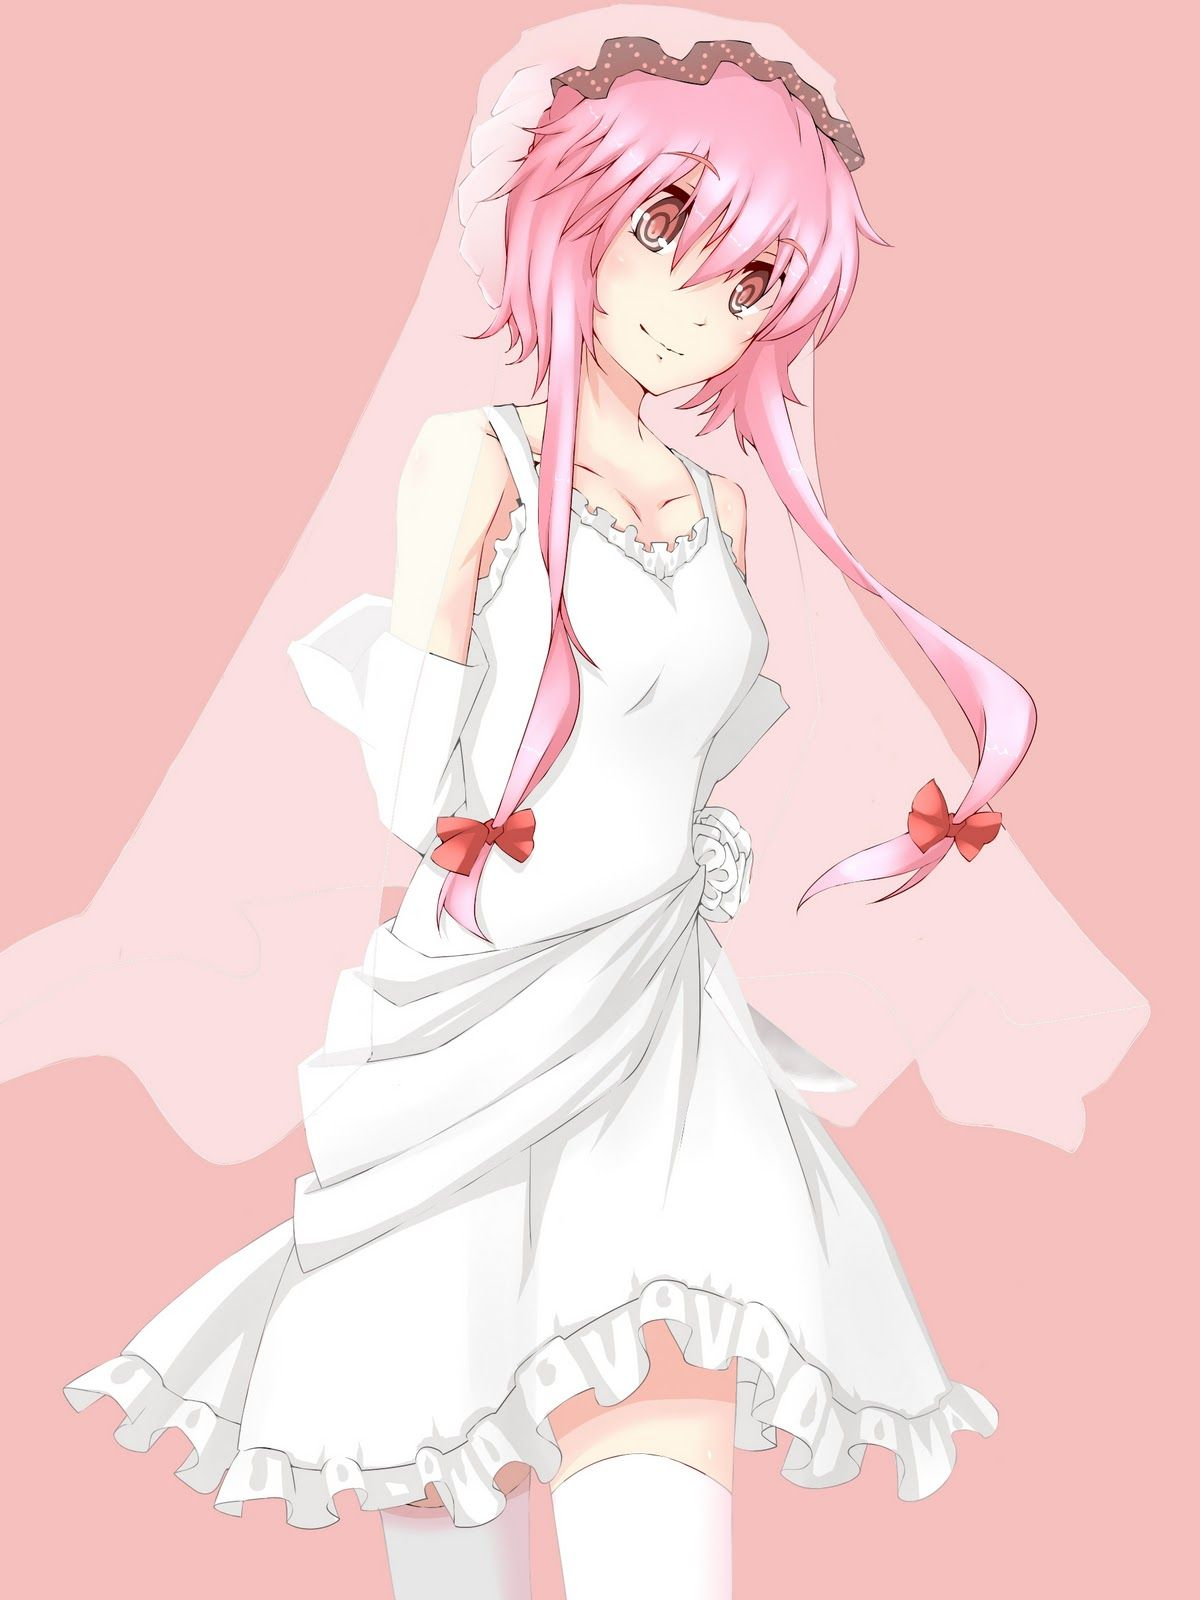 Dress up yuno gasai - Yuno Looks So Cute In A Wedding Dress I Feel Sorry The Yuki Was Such